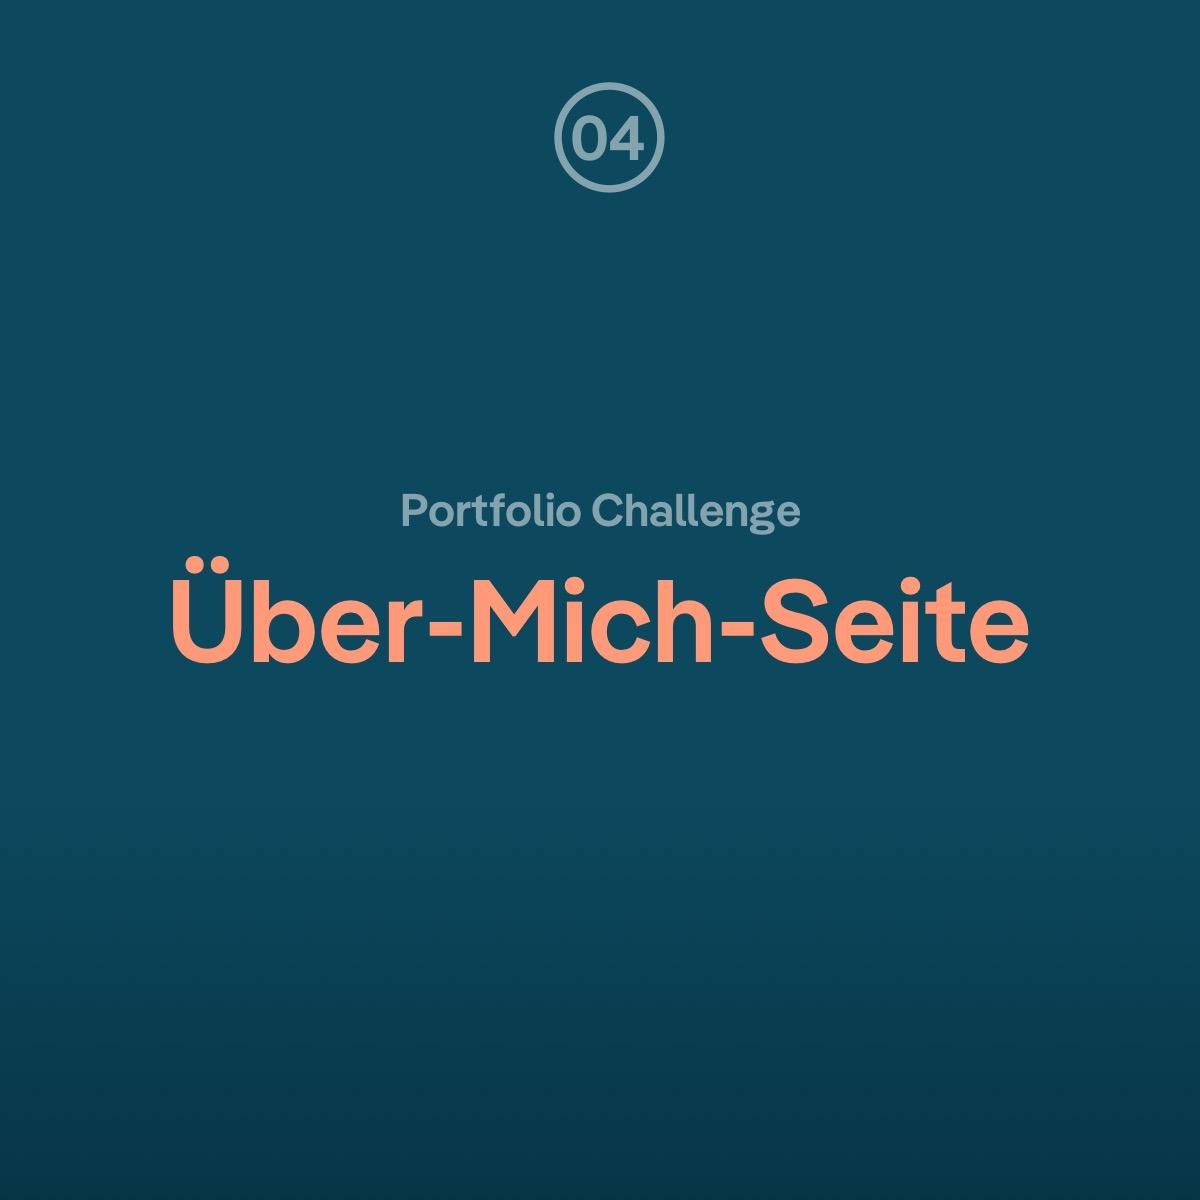 Portfolio Challenge: Die Über-Mich-Seite aufbauen